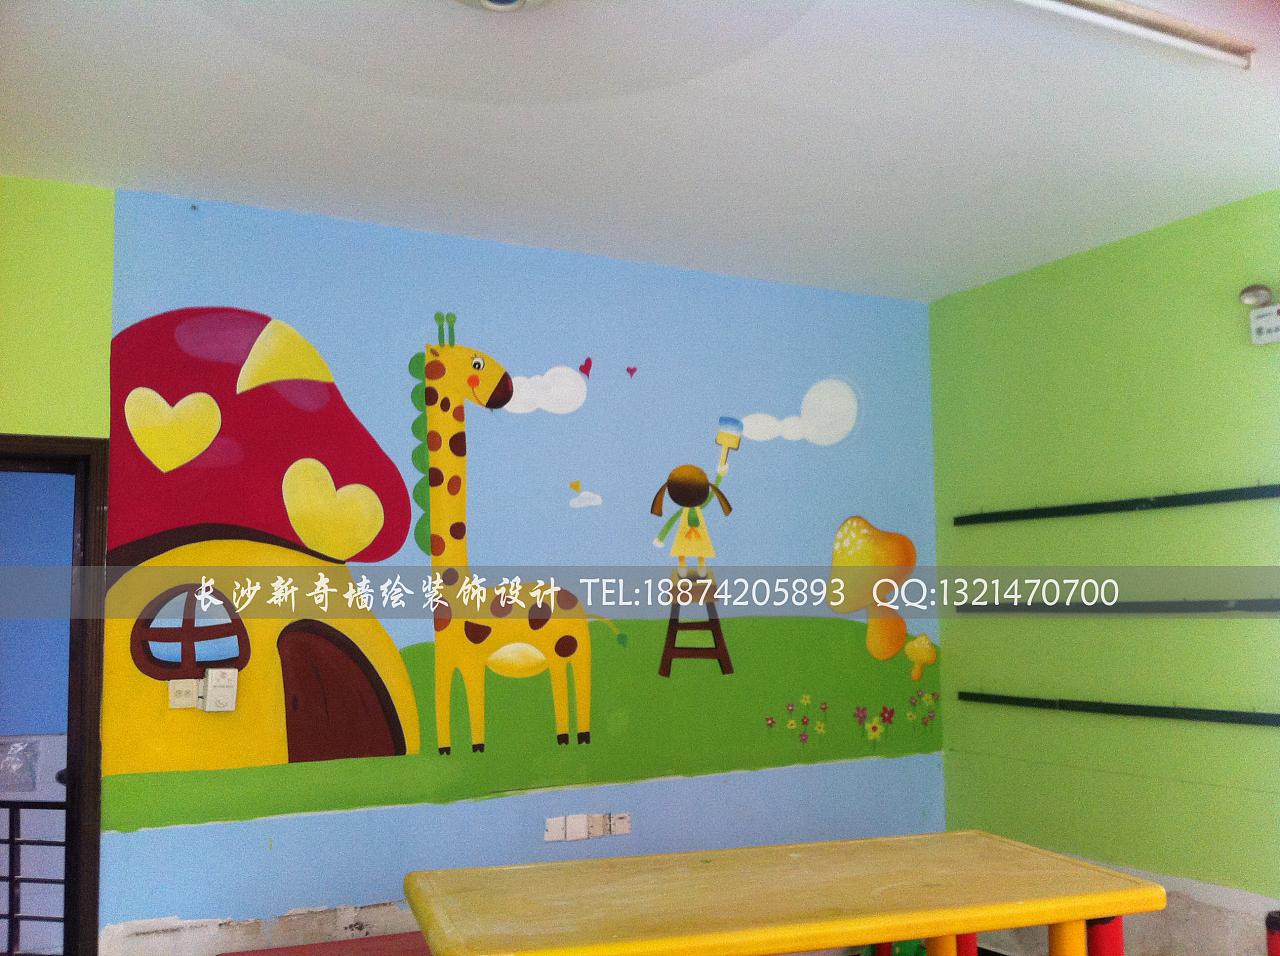 长沙新奇墙绘,长沙墙绘,长沙壁画,长沙手绘墙,长沙幼儿园墙绘,壁画,长